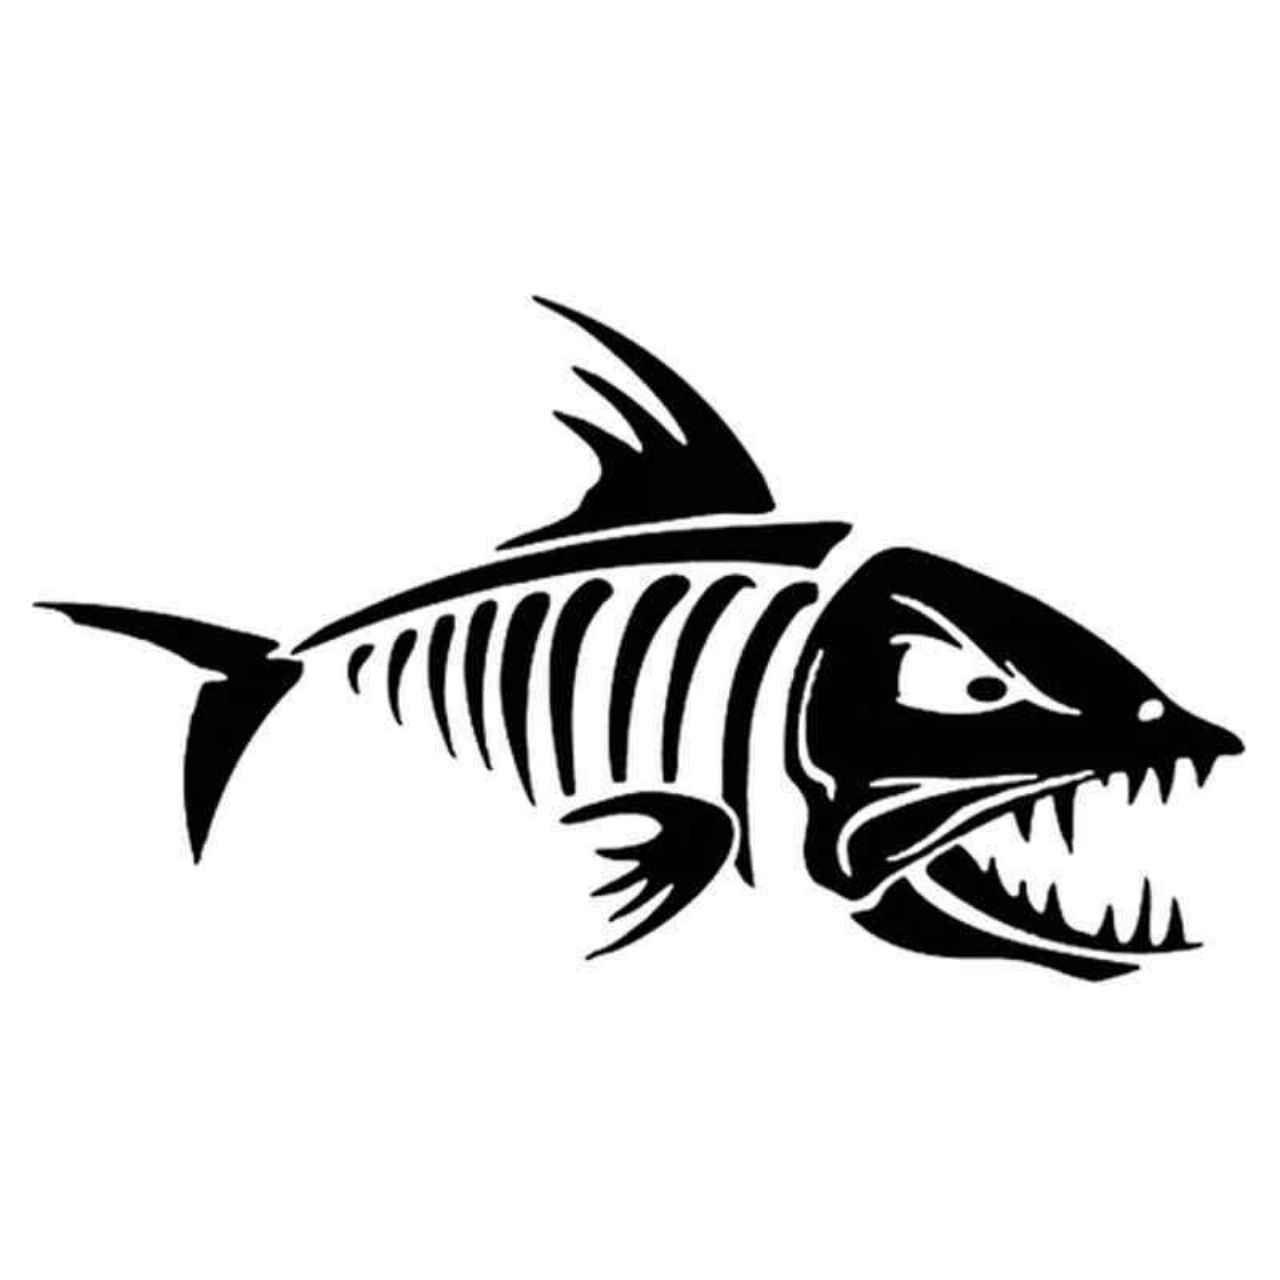 Skeleton Fish 822 Decal Sticker Aftermarket Decals